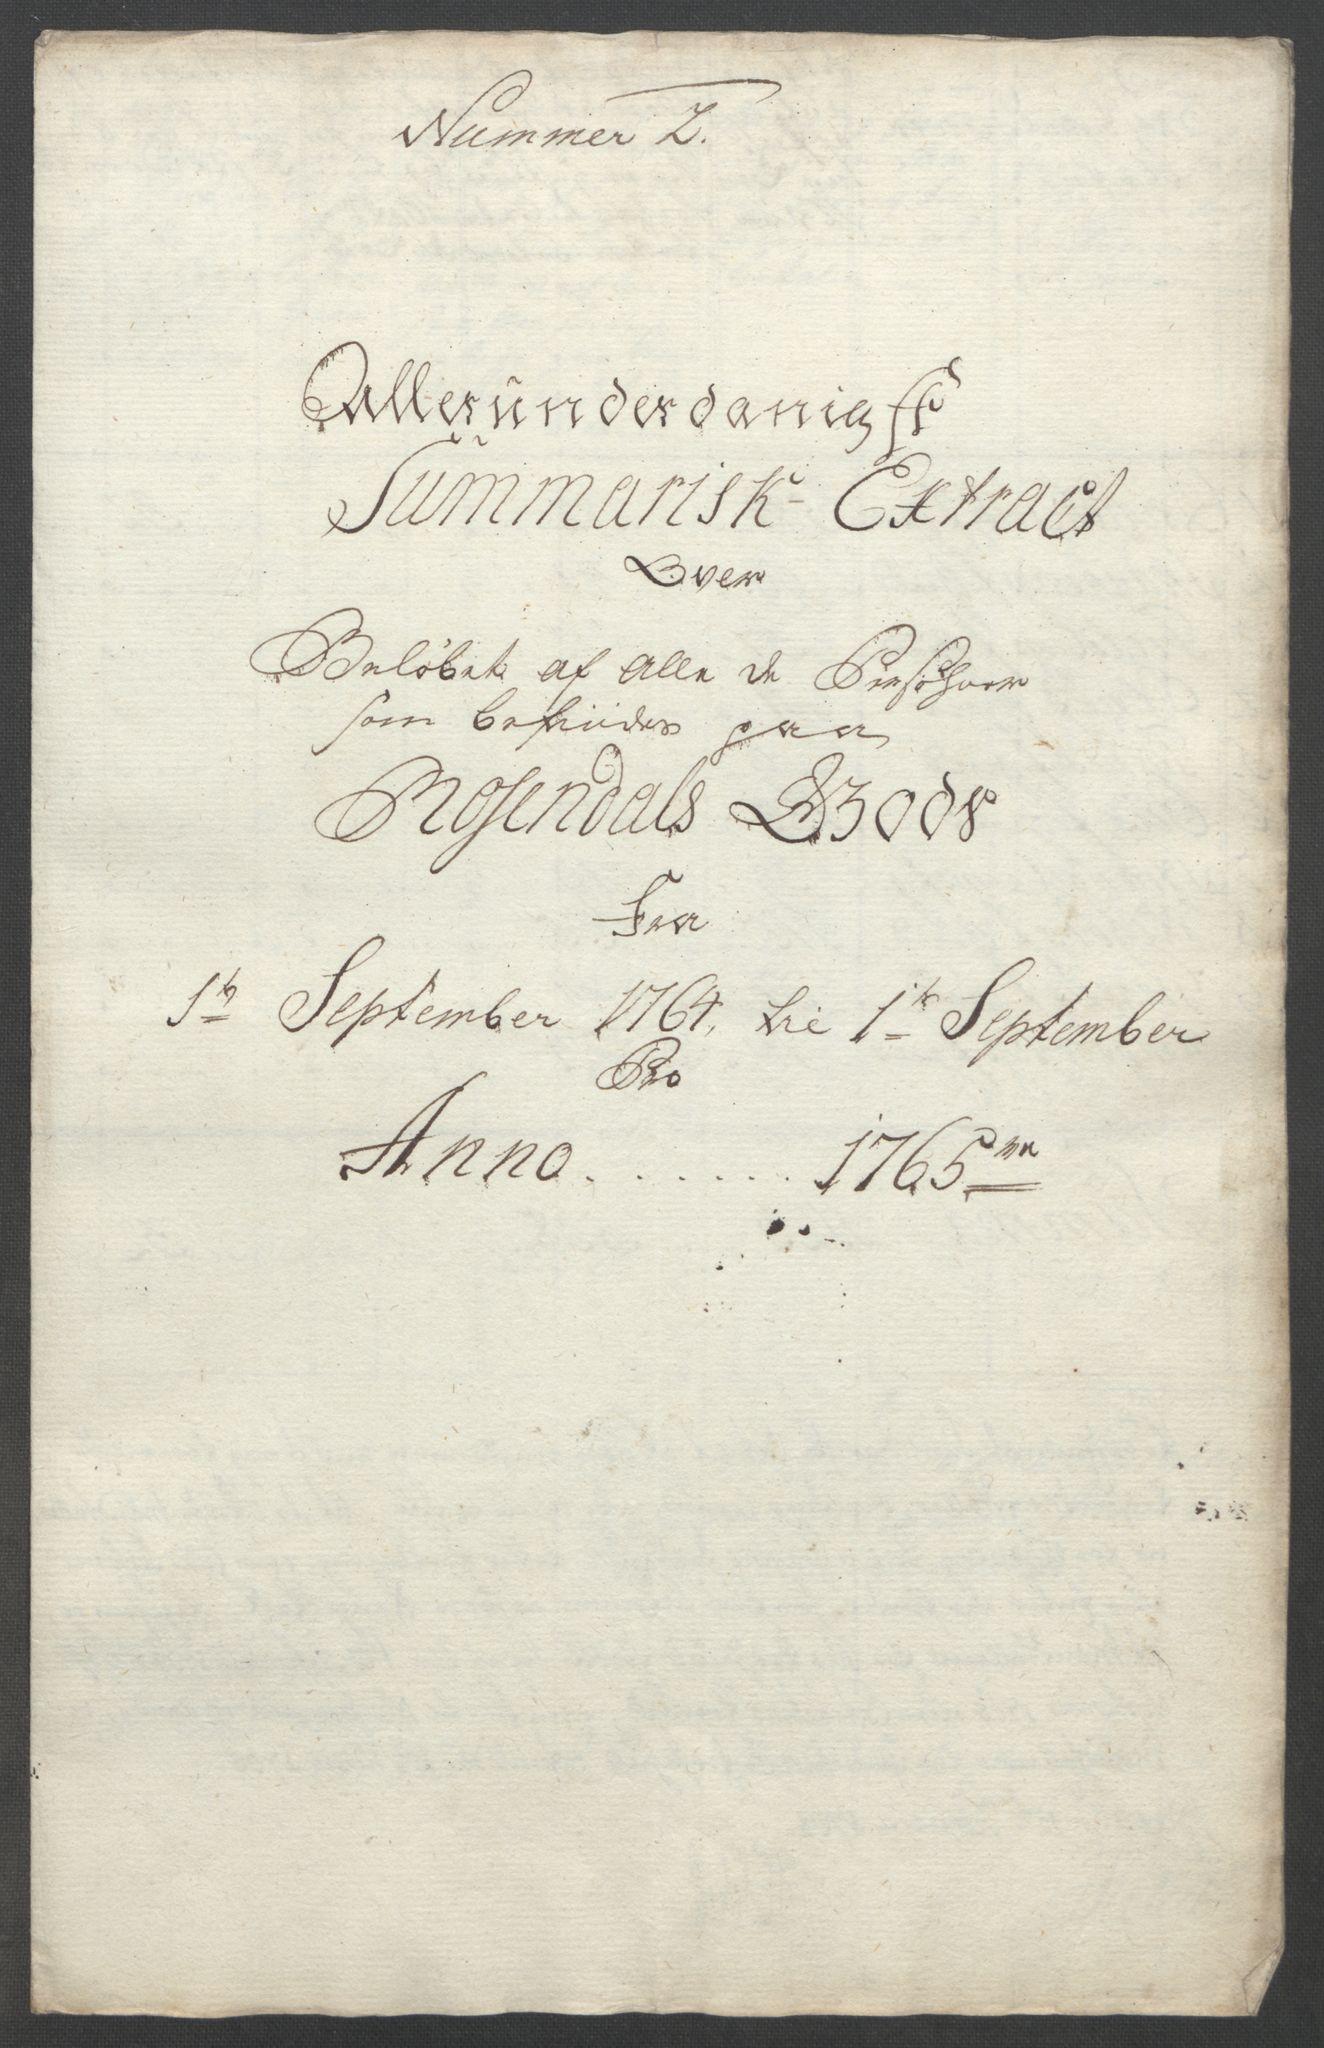 RA, Rentekammeret inntil 1814, Reviderte regnskaper, Fogderegnskap, R49/L3157: Ekstraskatten Rosendal Baroni, 1762-1772, s. 124